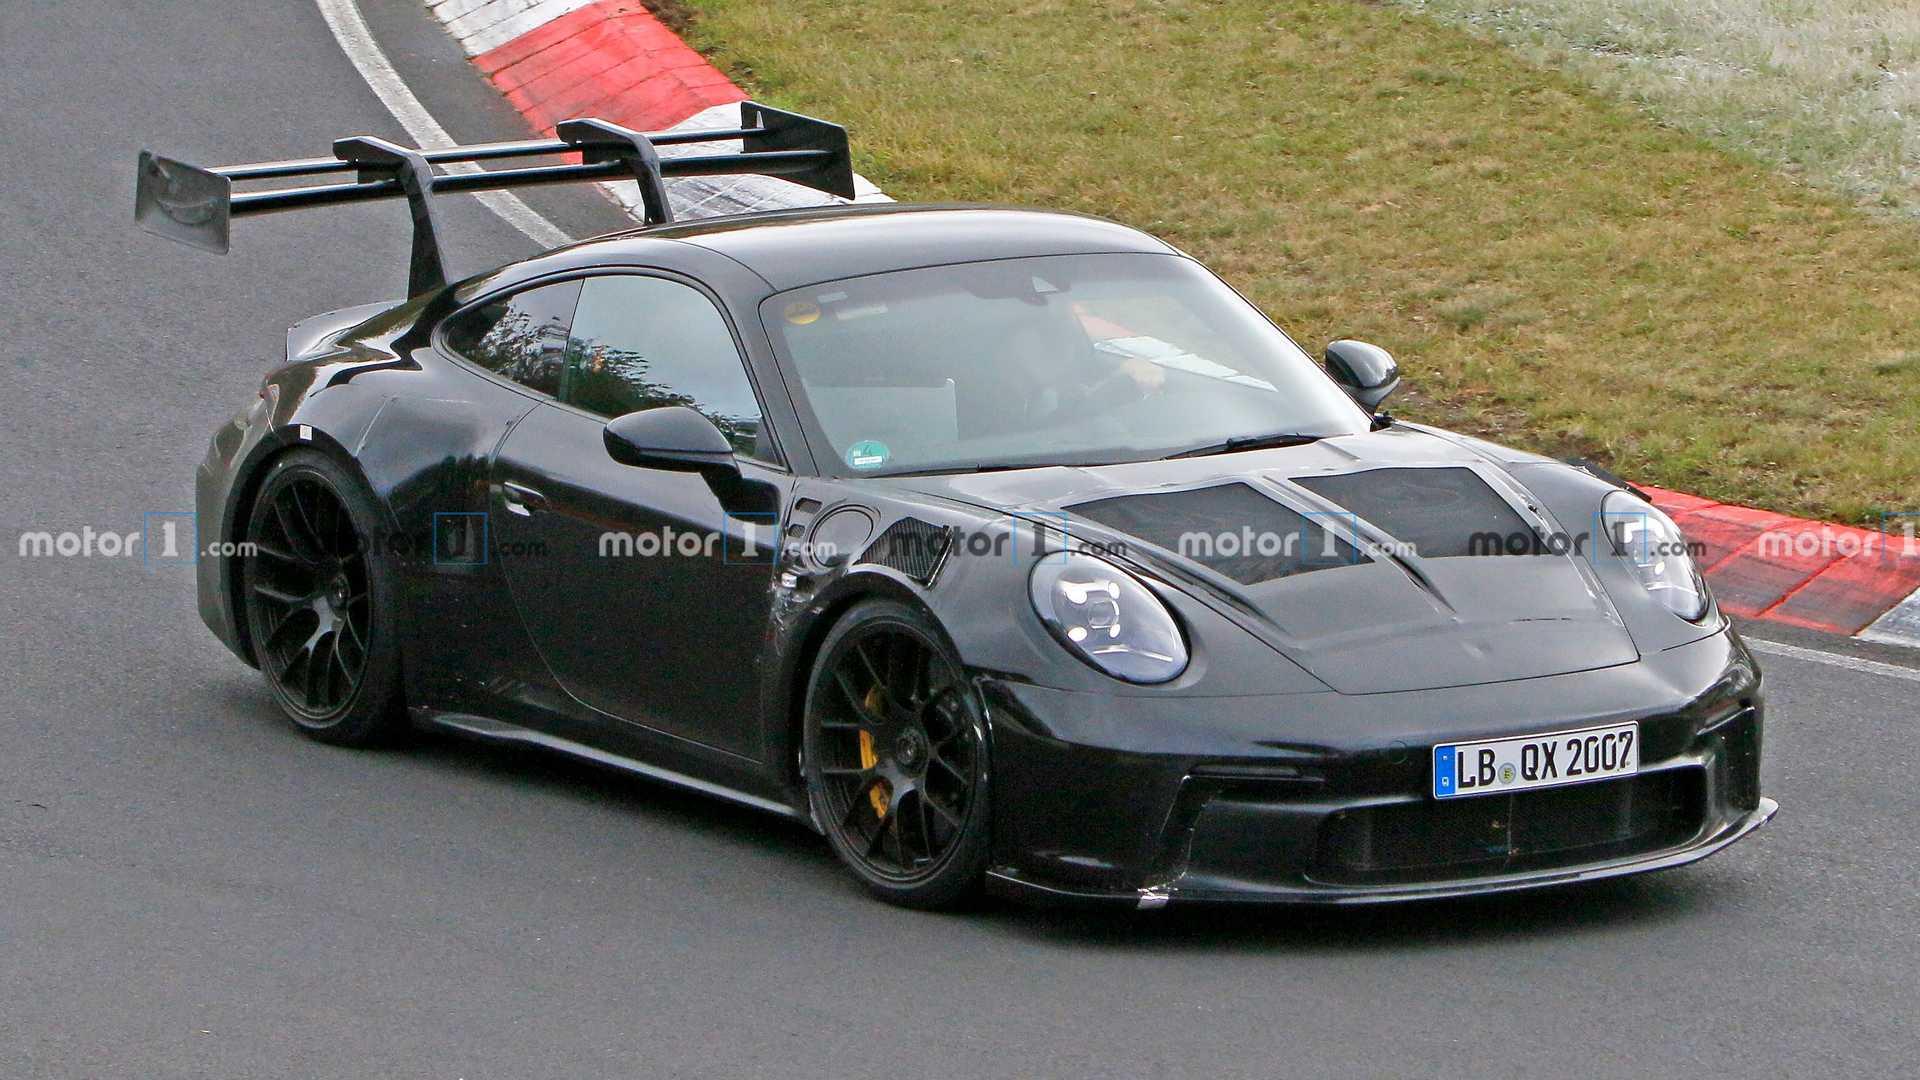 Novo Porsche 911 Gt3 Rs Espiado No Seu Habitat Natural Em Nurburgring Maistecnologia